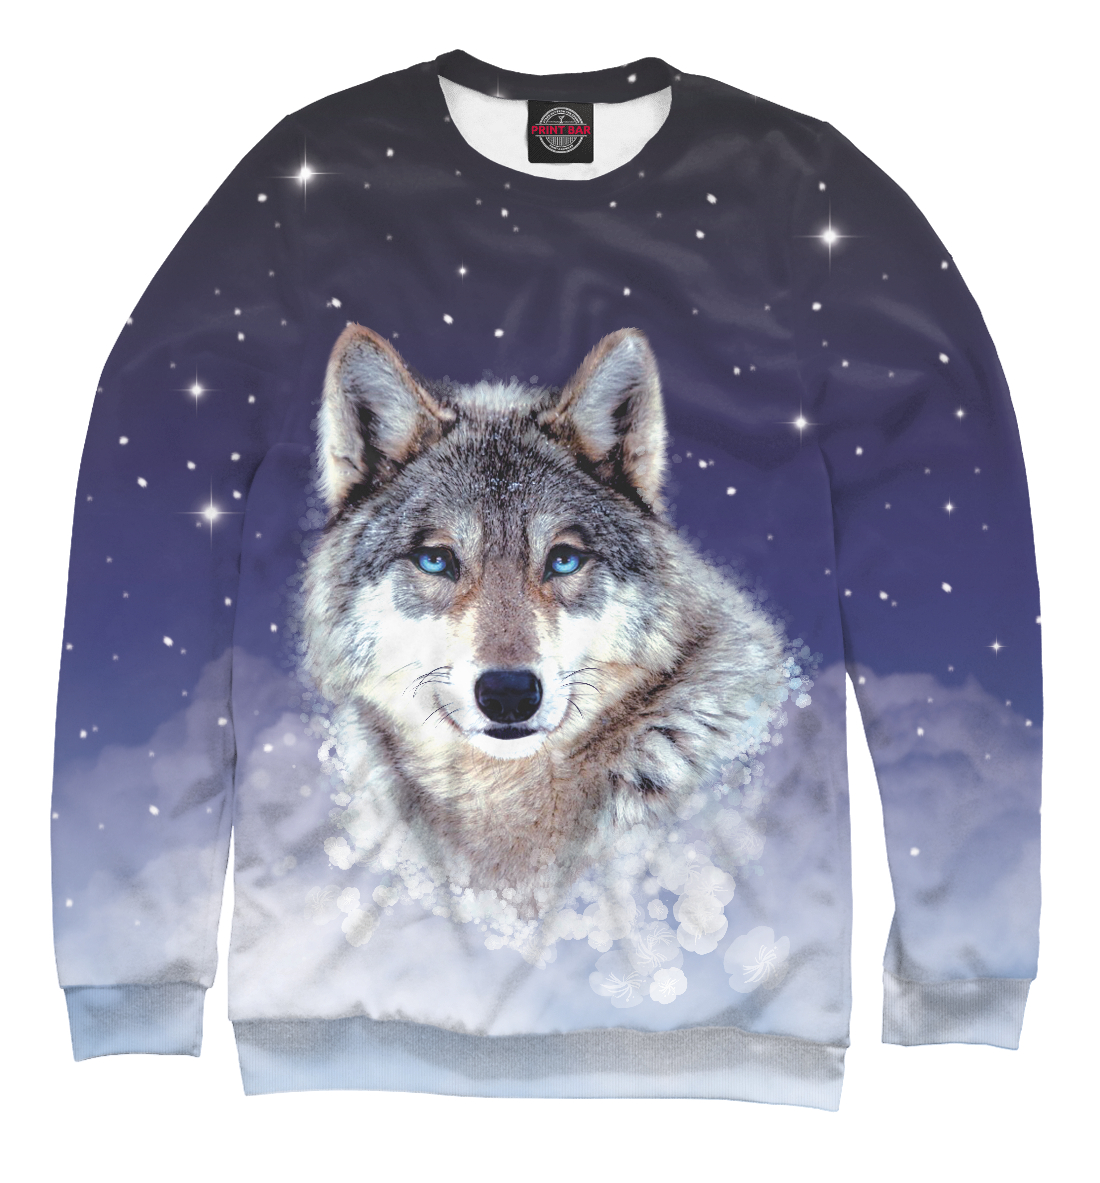 Купить Ночной волк, Printbar, Свитшоты, VLF-541198-swi-2